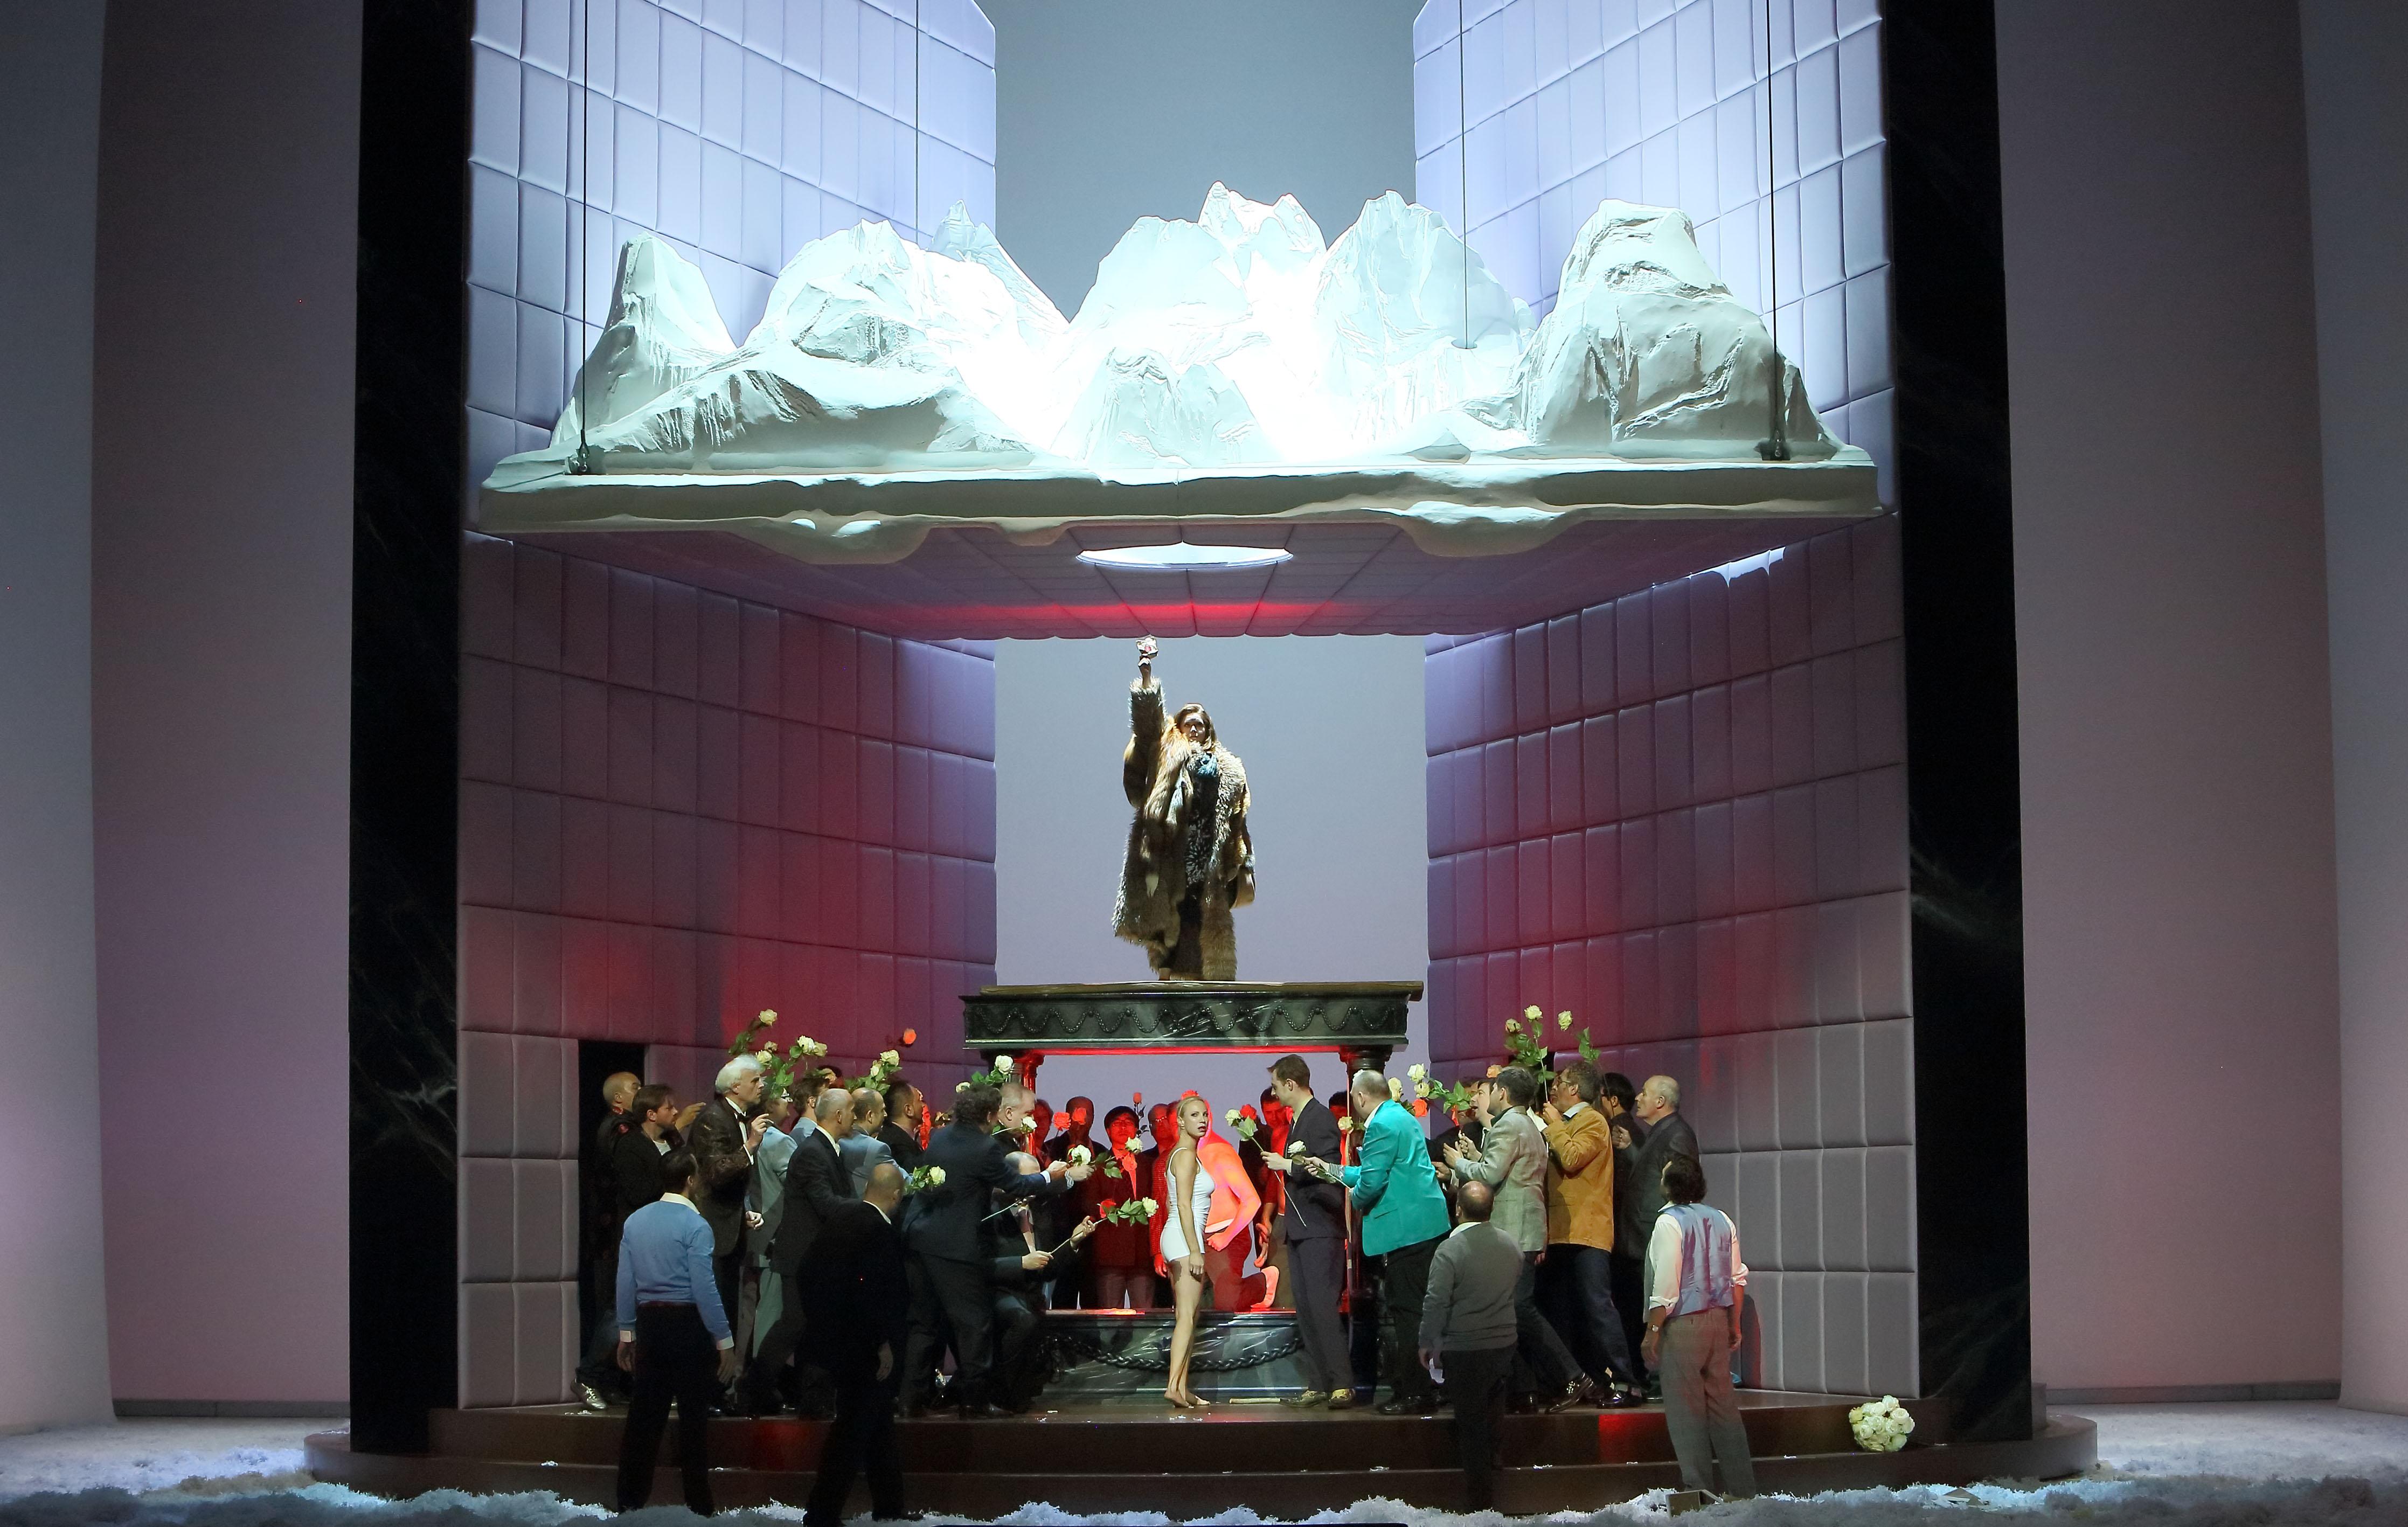 Sortir à Munich : Agenda 2014 des opéras à Munich 21